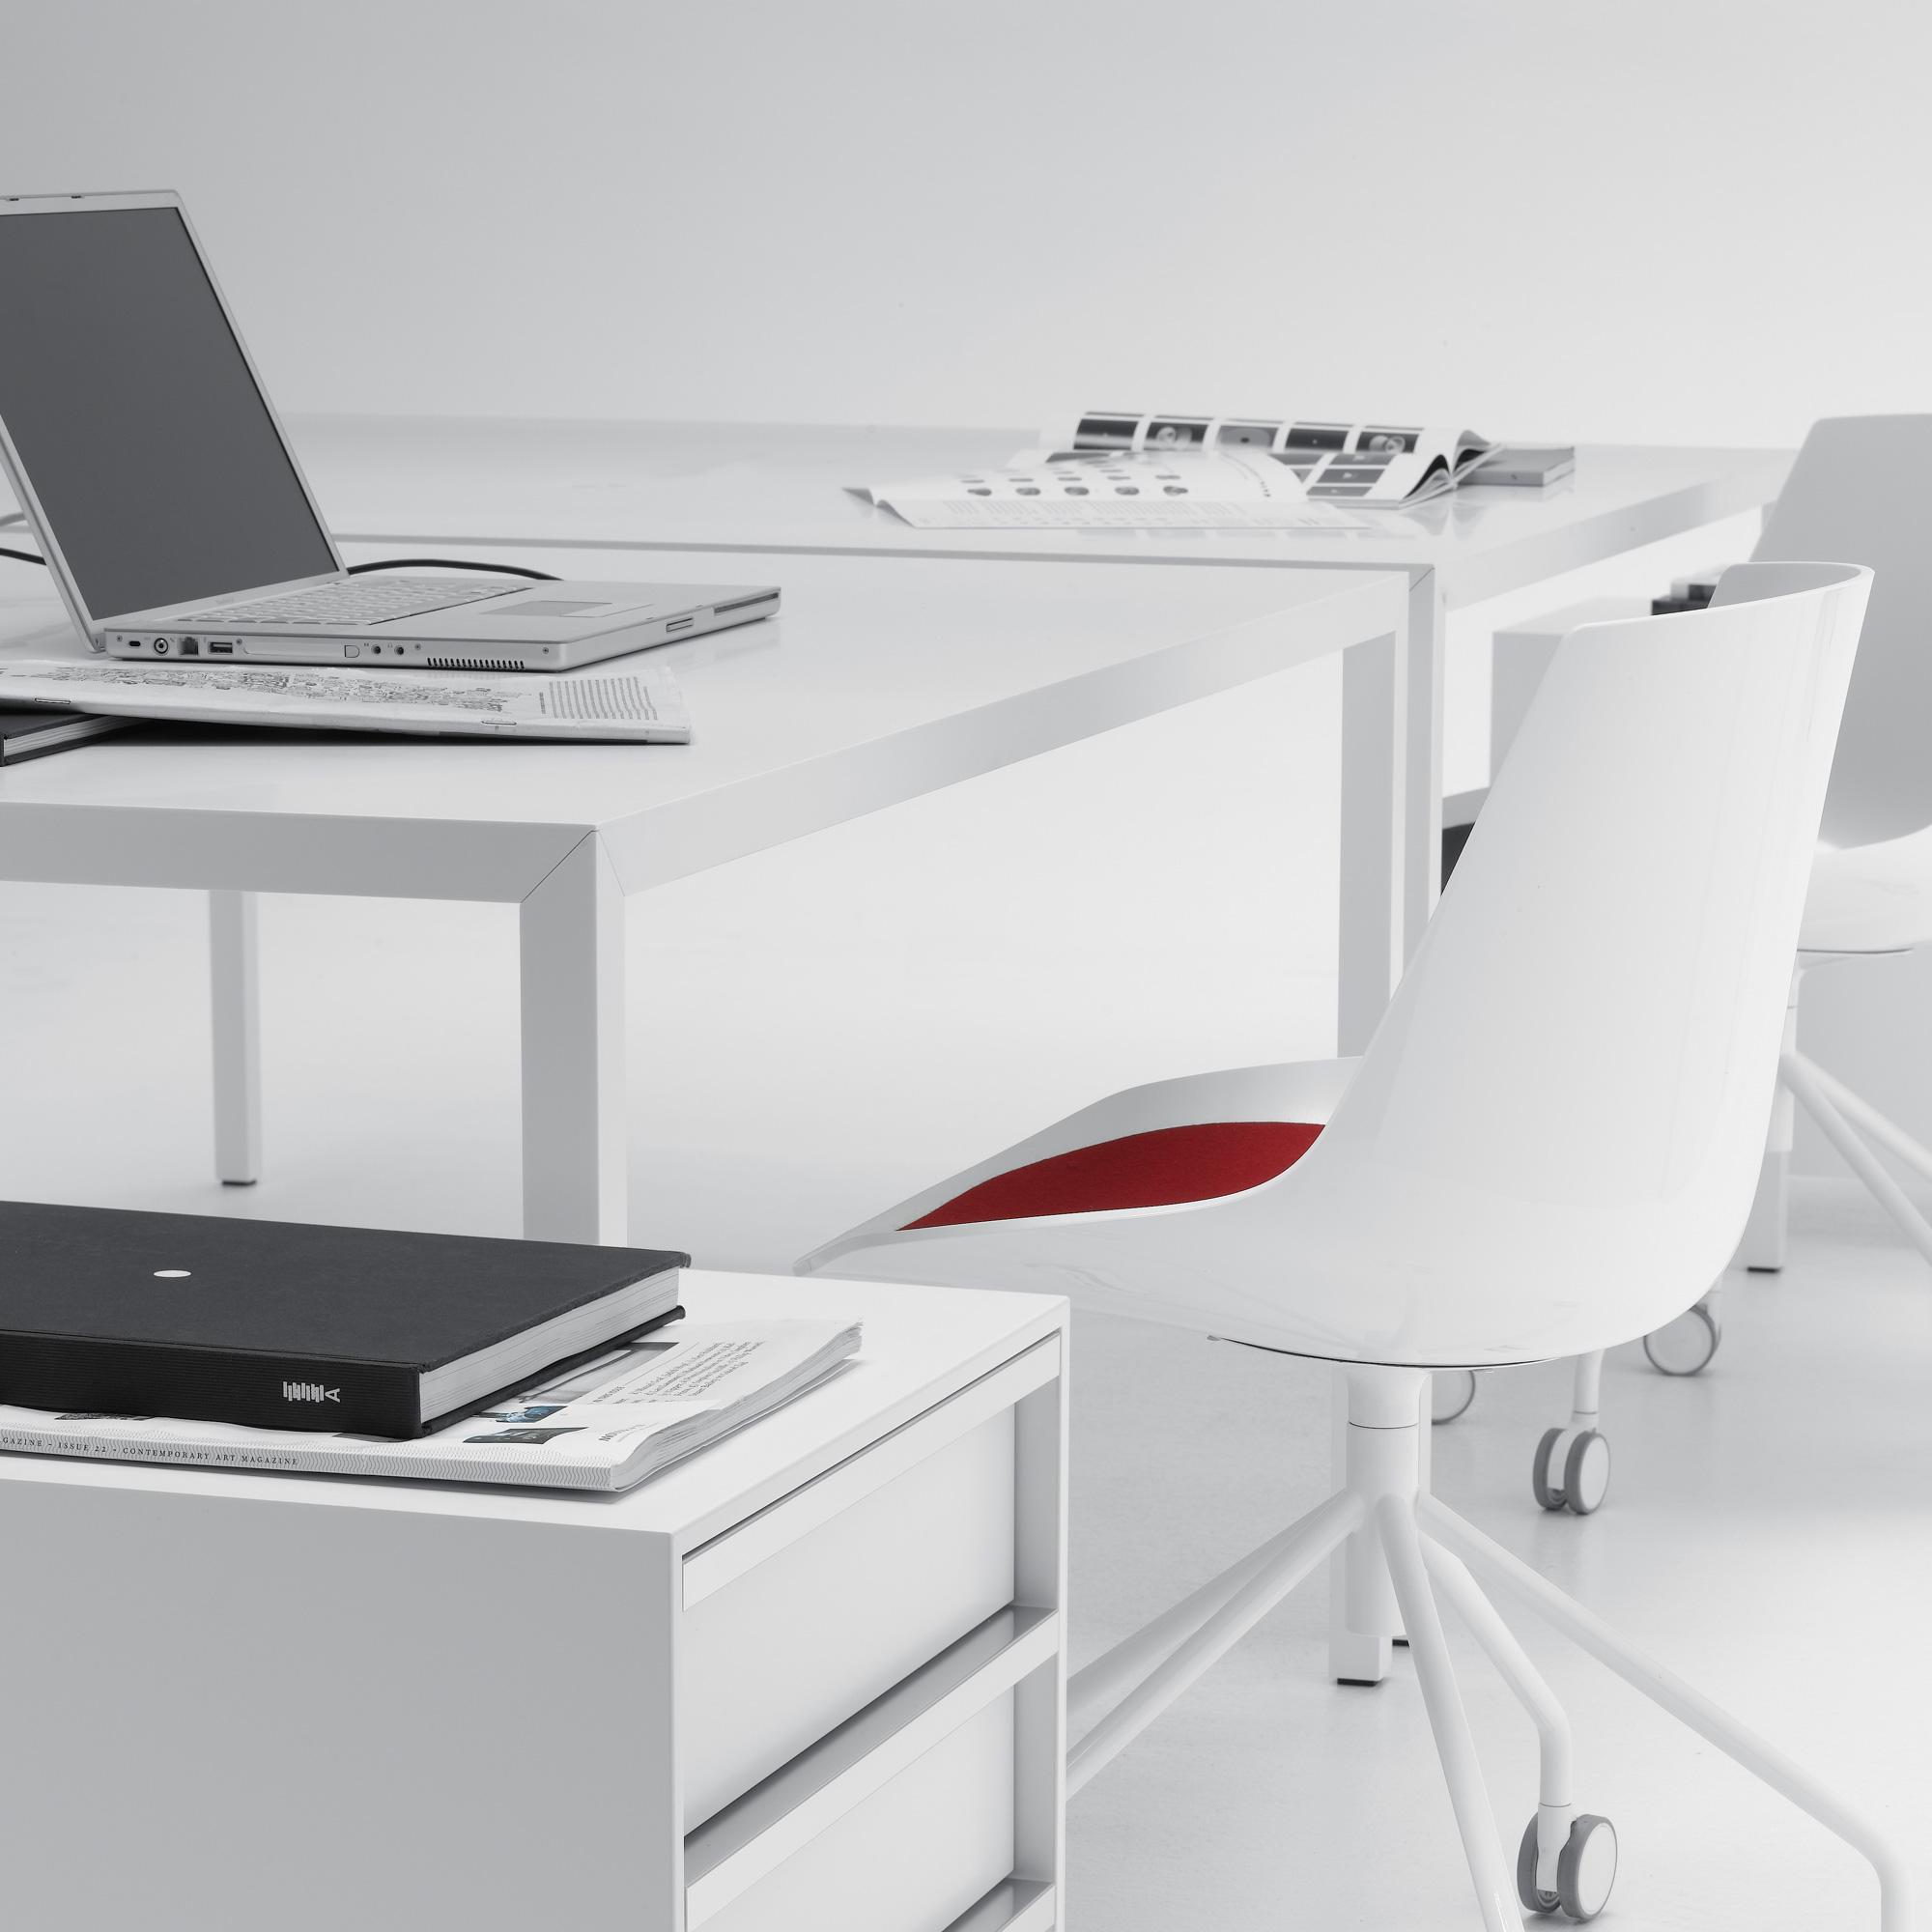 mdf italia tense tisch l 1600 b 900 h 730 mm wei wei matt f042501p026d036s005 reuter. Black Bedroom Furniture Sets. Home Design Ideas